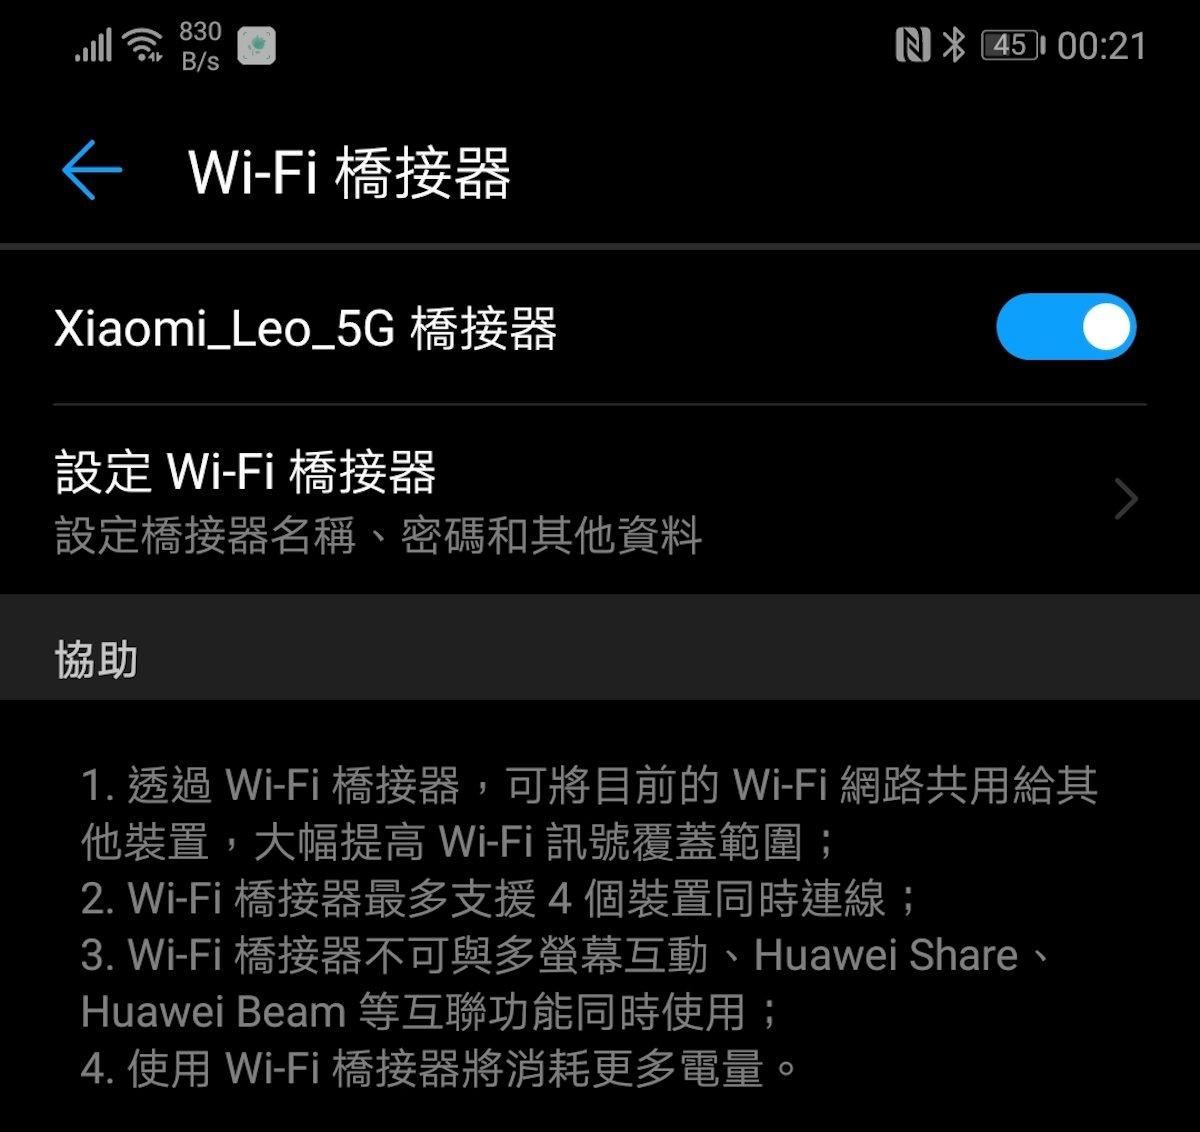 HUAWEI Wi-Fi 橋接器